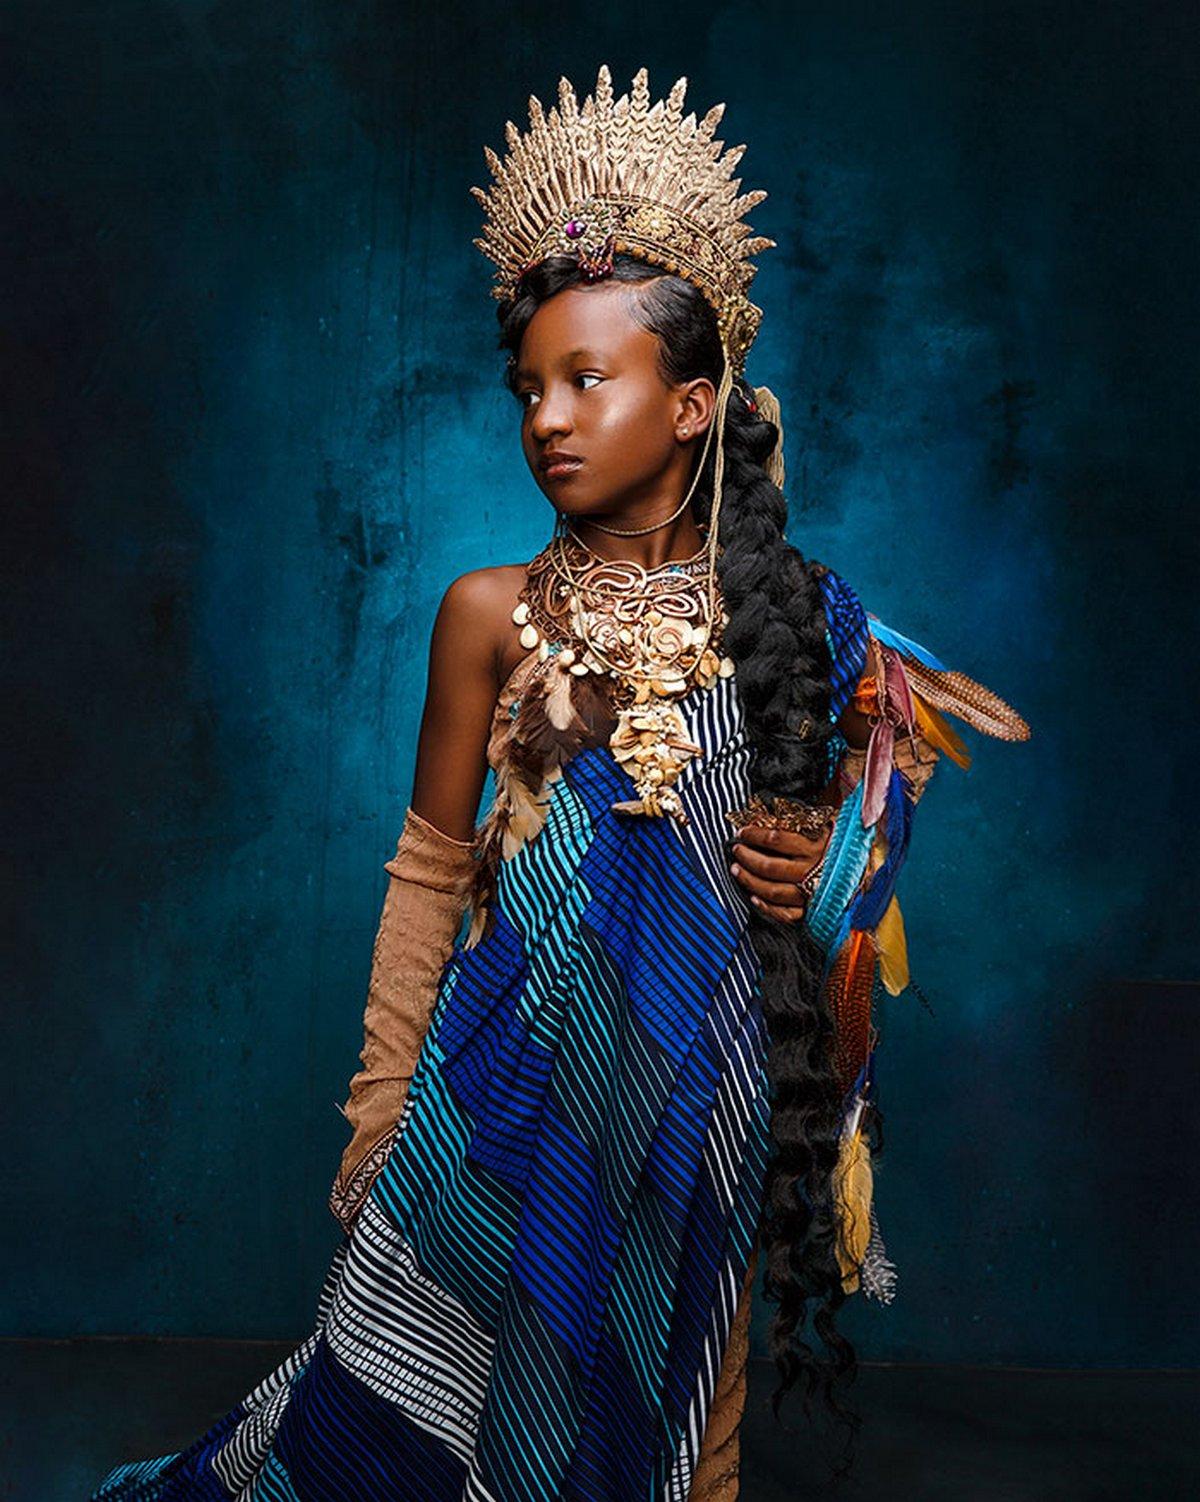 Ces magnifiques photos montrent à quoi ressembleraient les princesses Disney si elles étaient afro-américaines